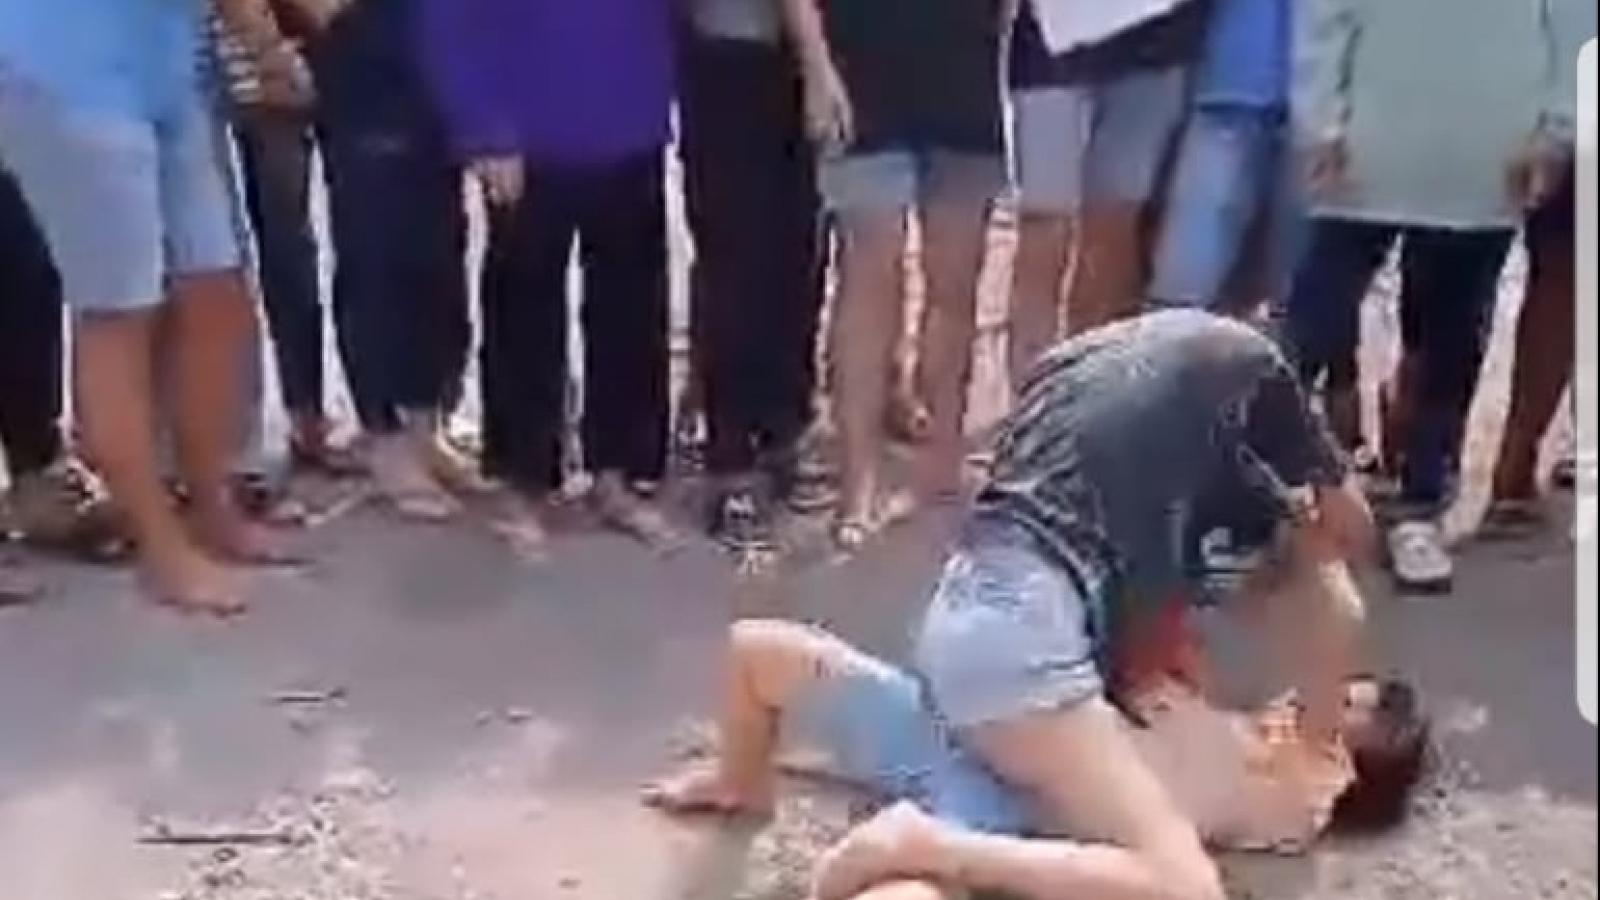 Làm rõ vụ 2 nữ sinh đánh nhau, đám đông cổ vũ và quay clip tung lên mạng